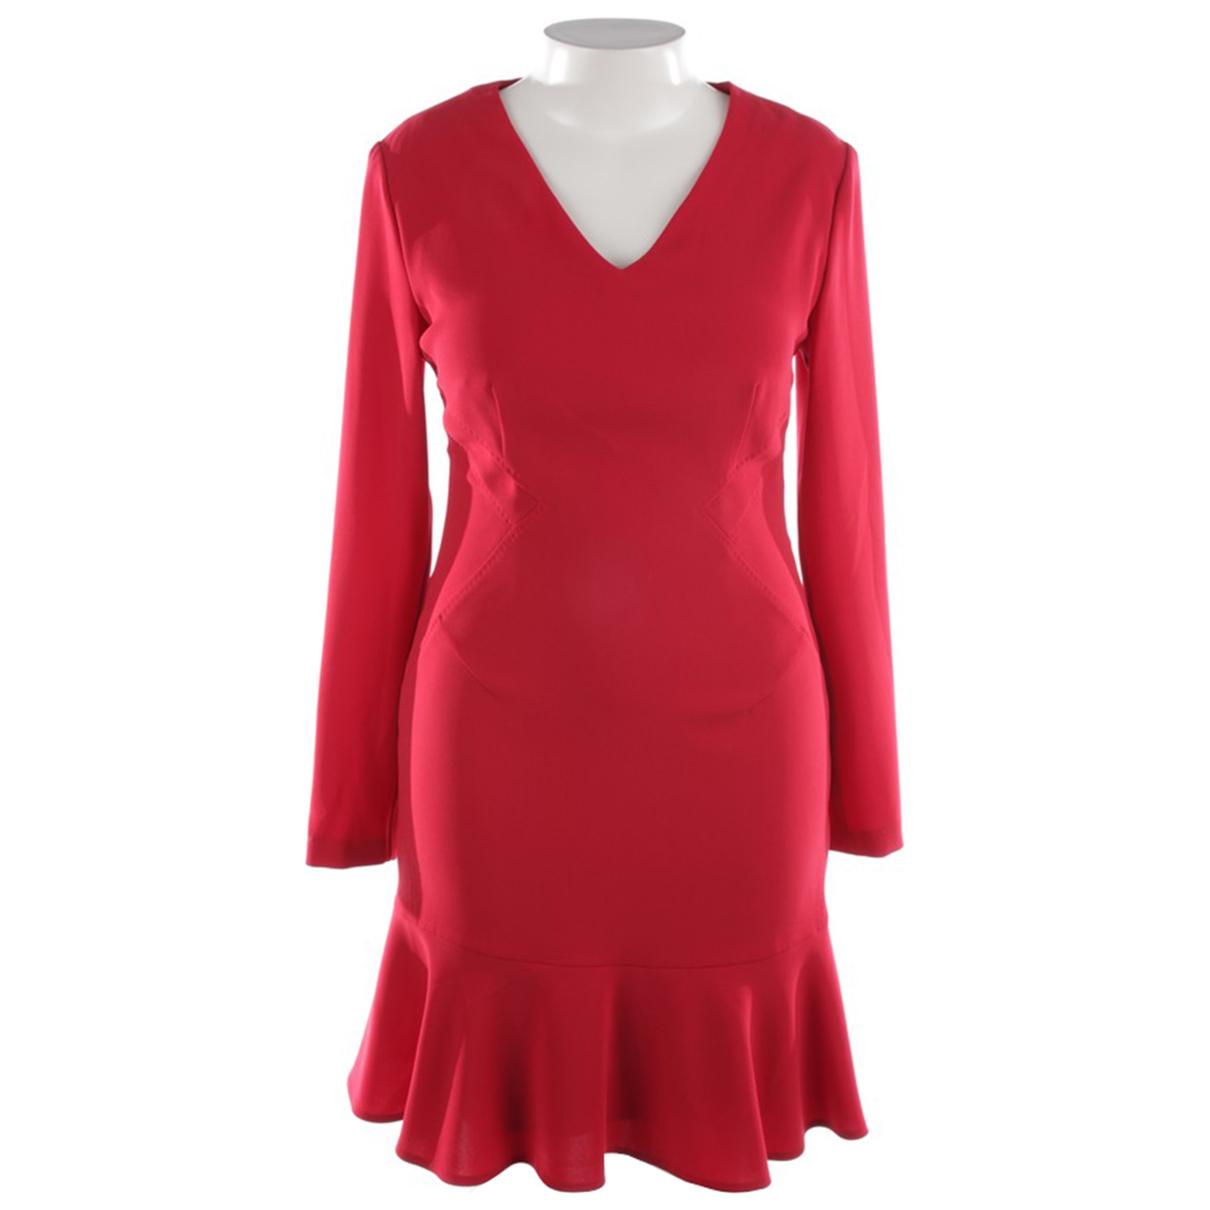 Talbot Runhof \N Red dress for Women 42 FR